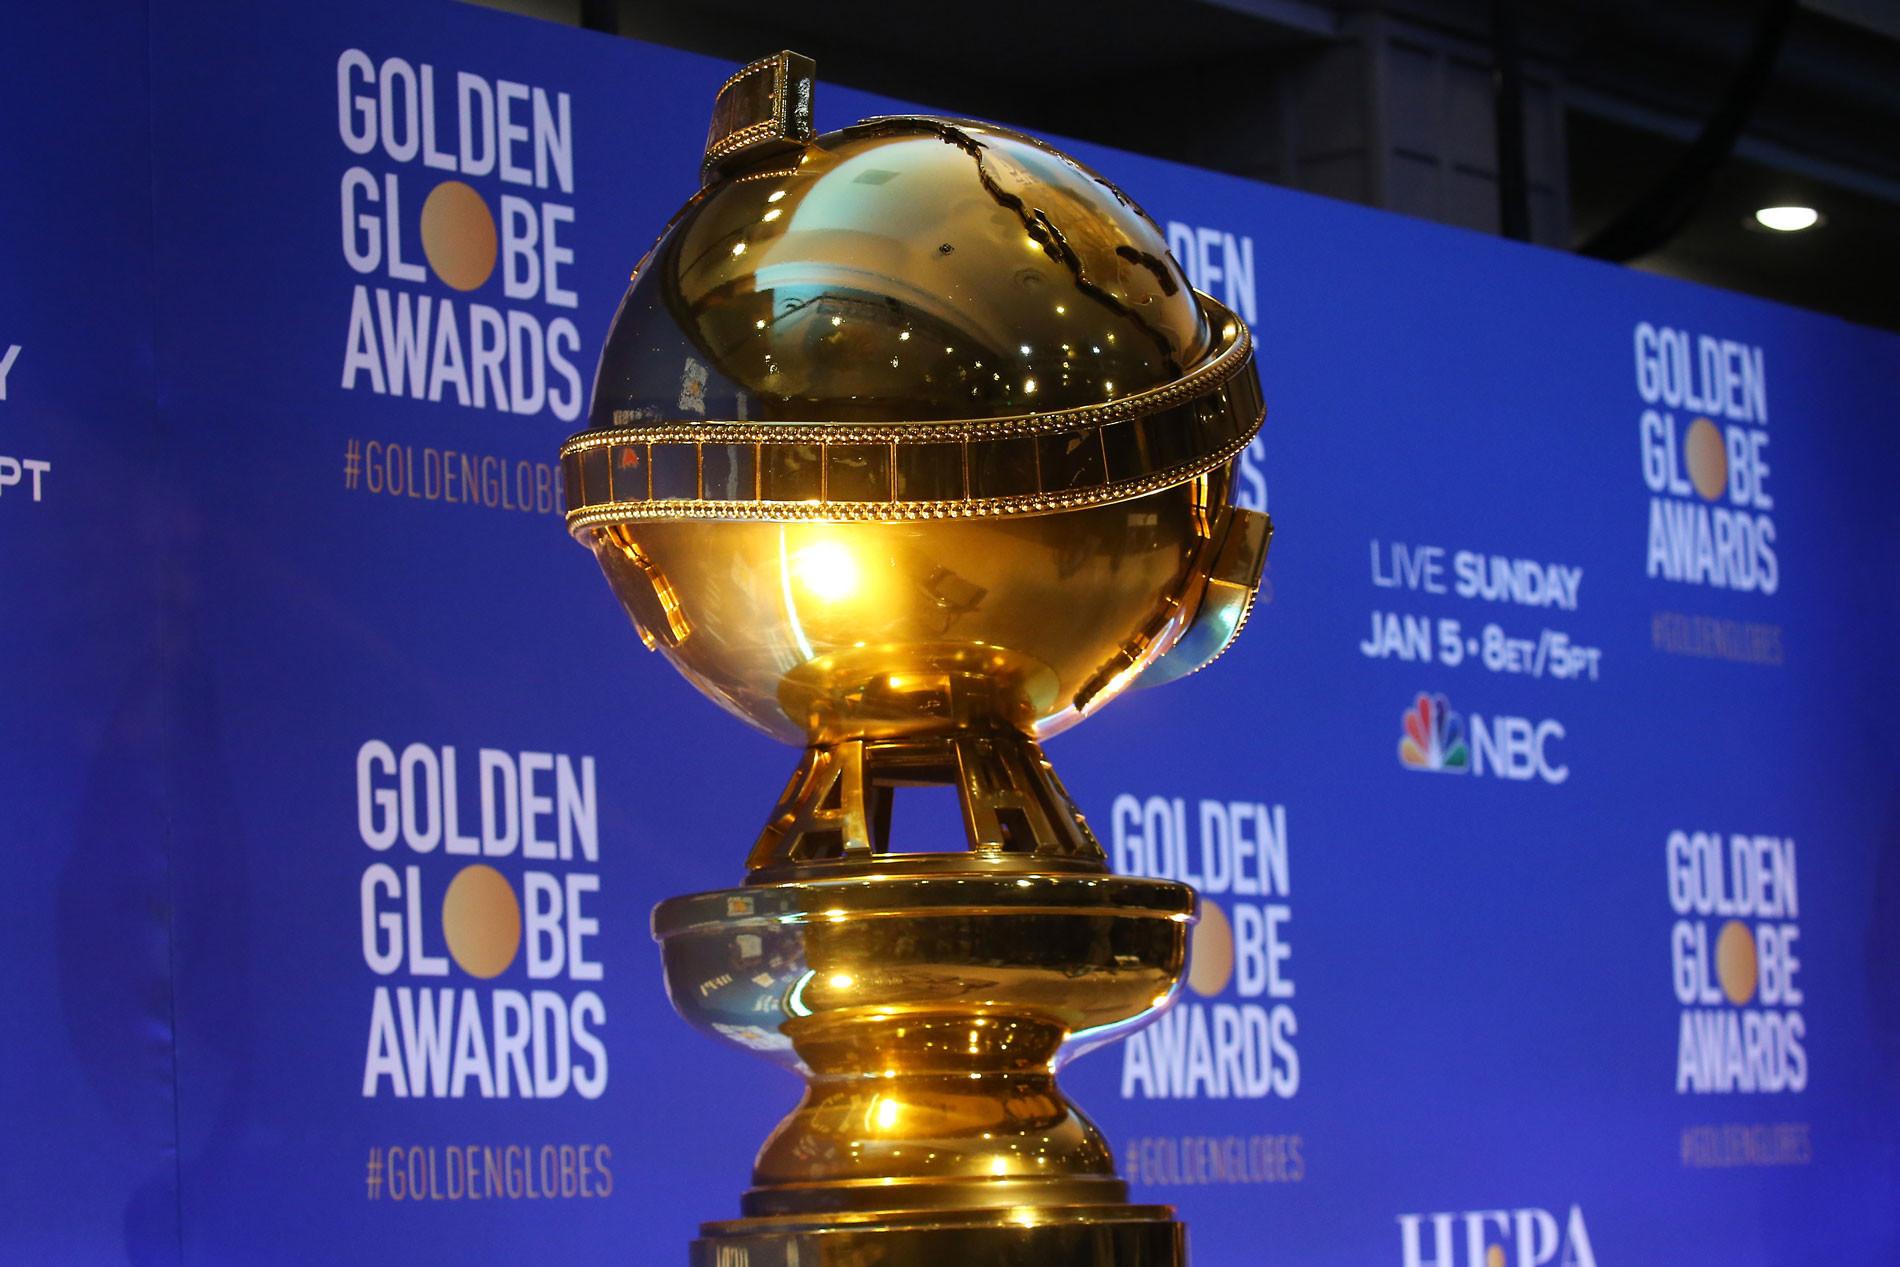 Скандал вокруг 'Золотого глобуса': из-за демарша звёзд состав жюри срочно пересмотрят